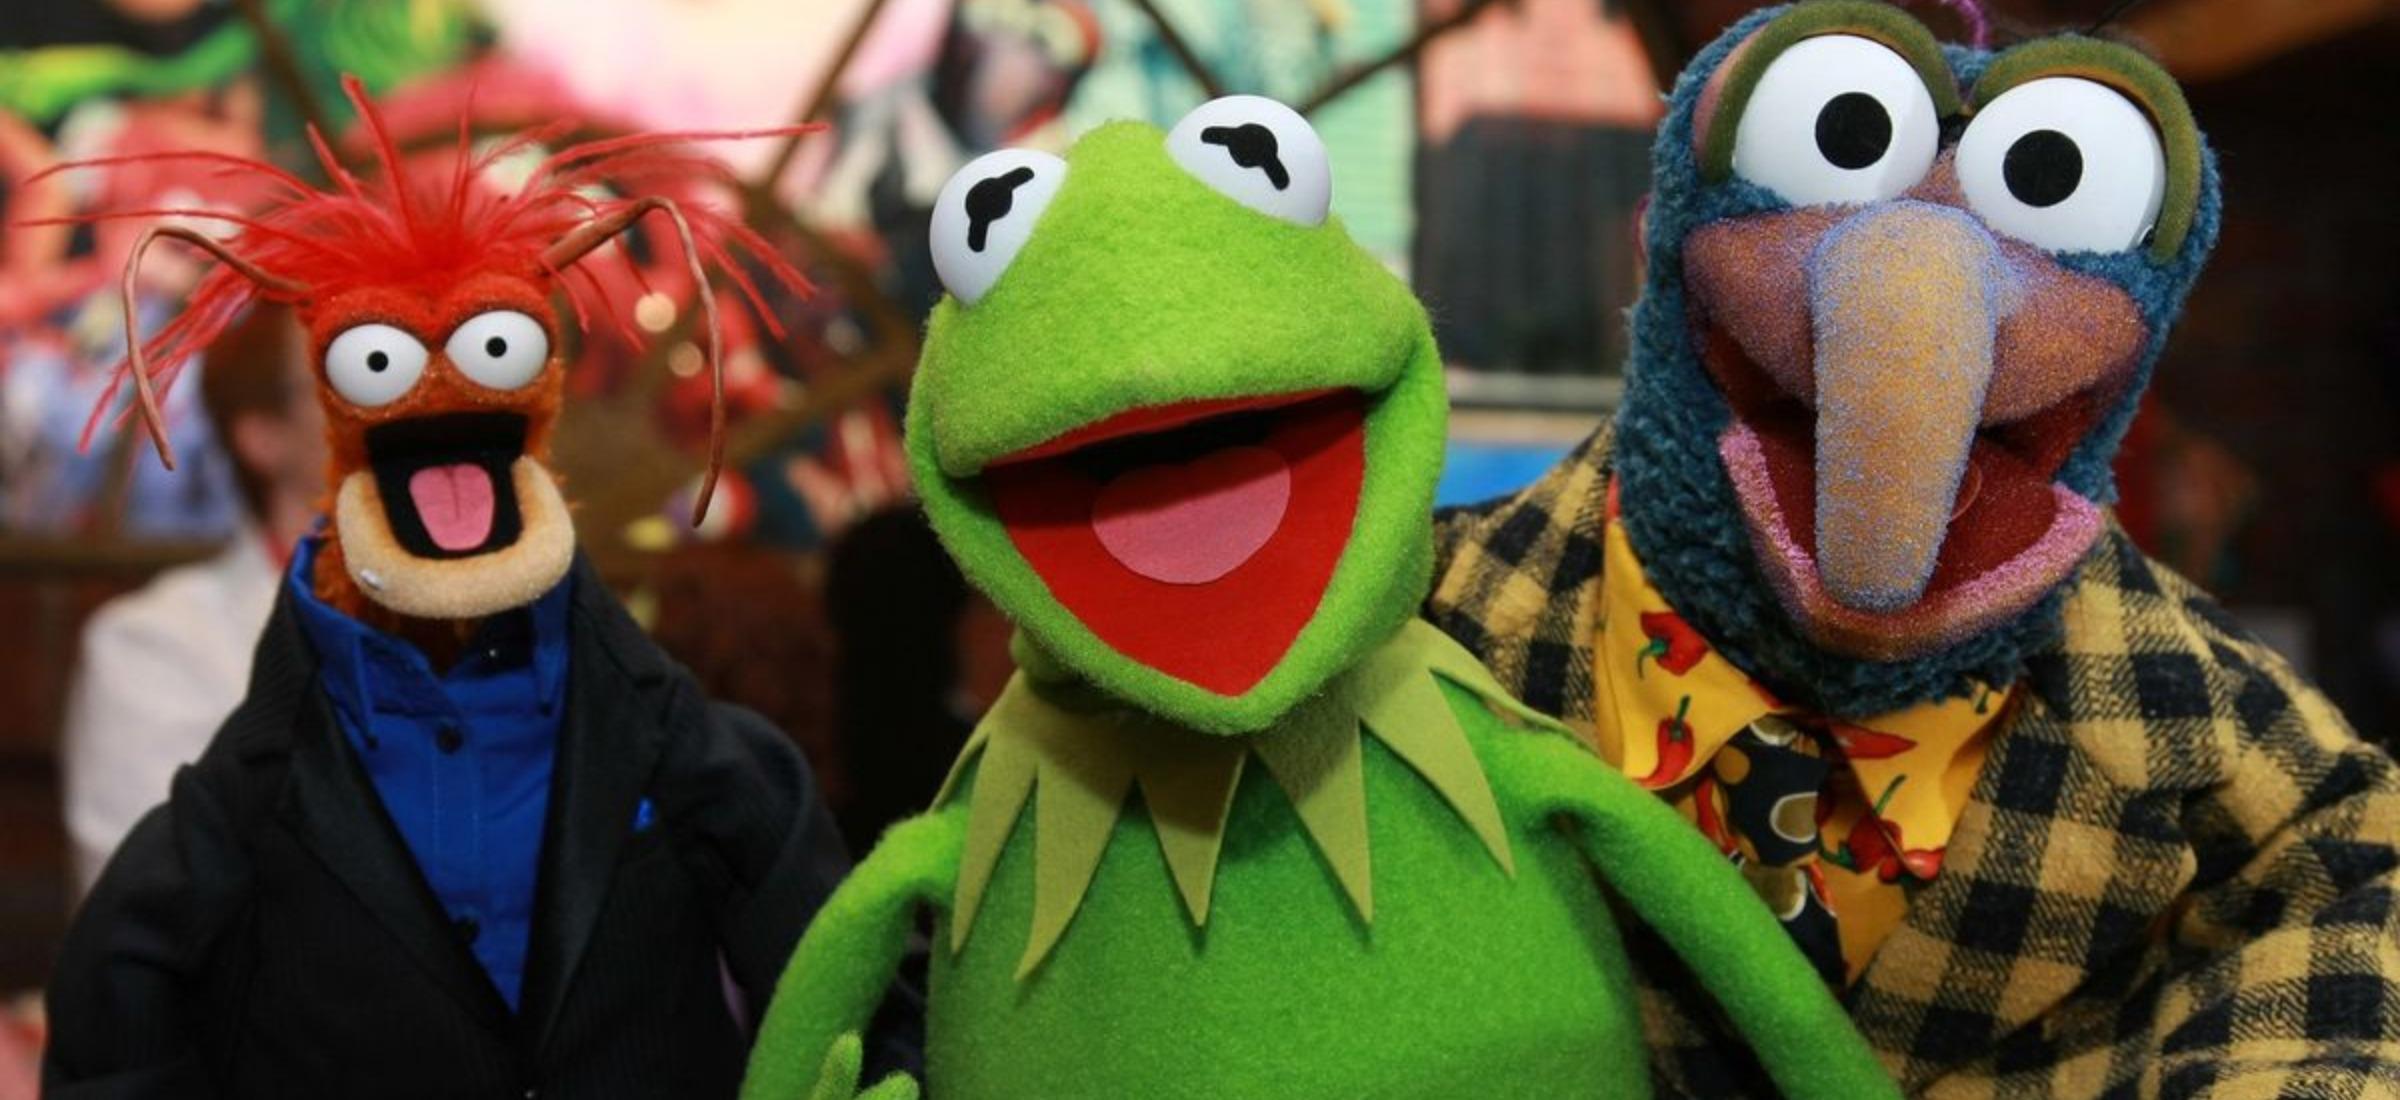 """Disney+ wpuścił serial """"Muppety"""", który promuje szkodliwe stereotypy. Jest ostrzeżenie"""